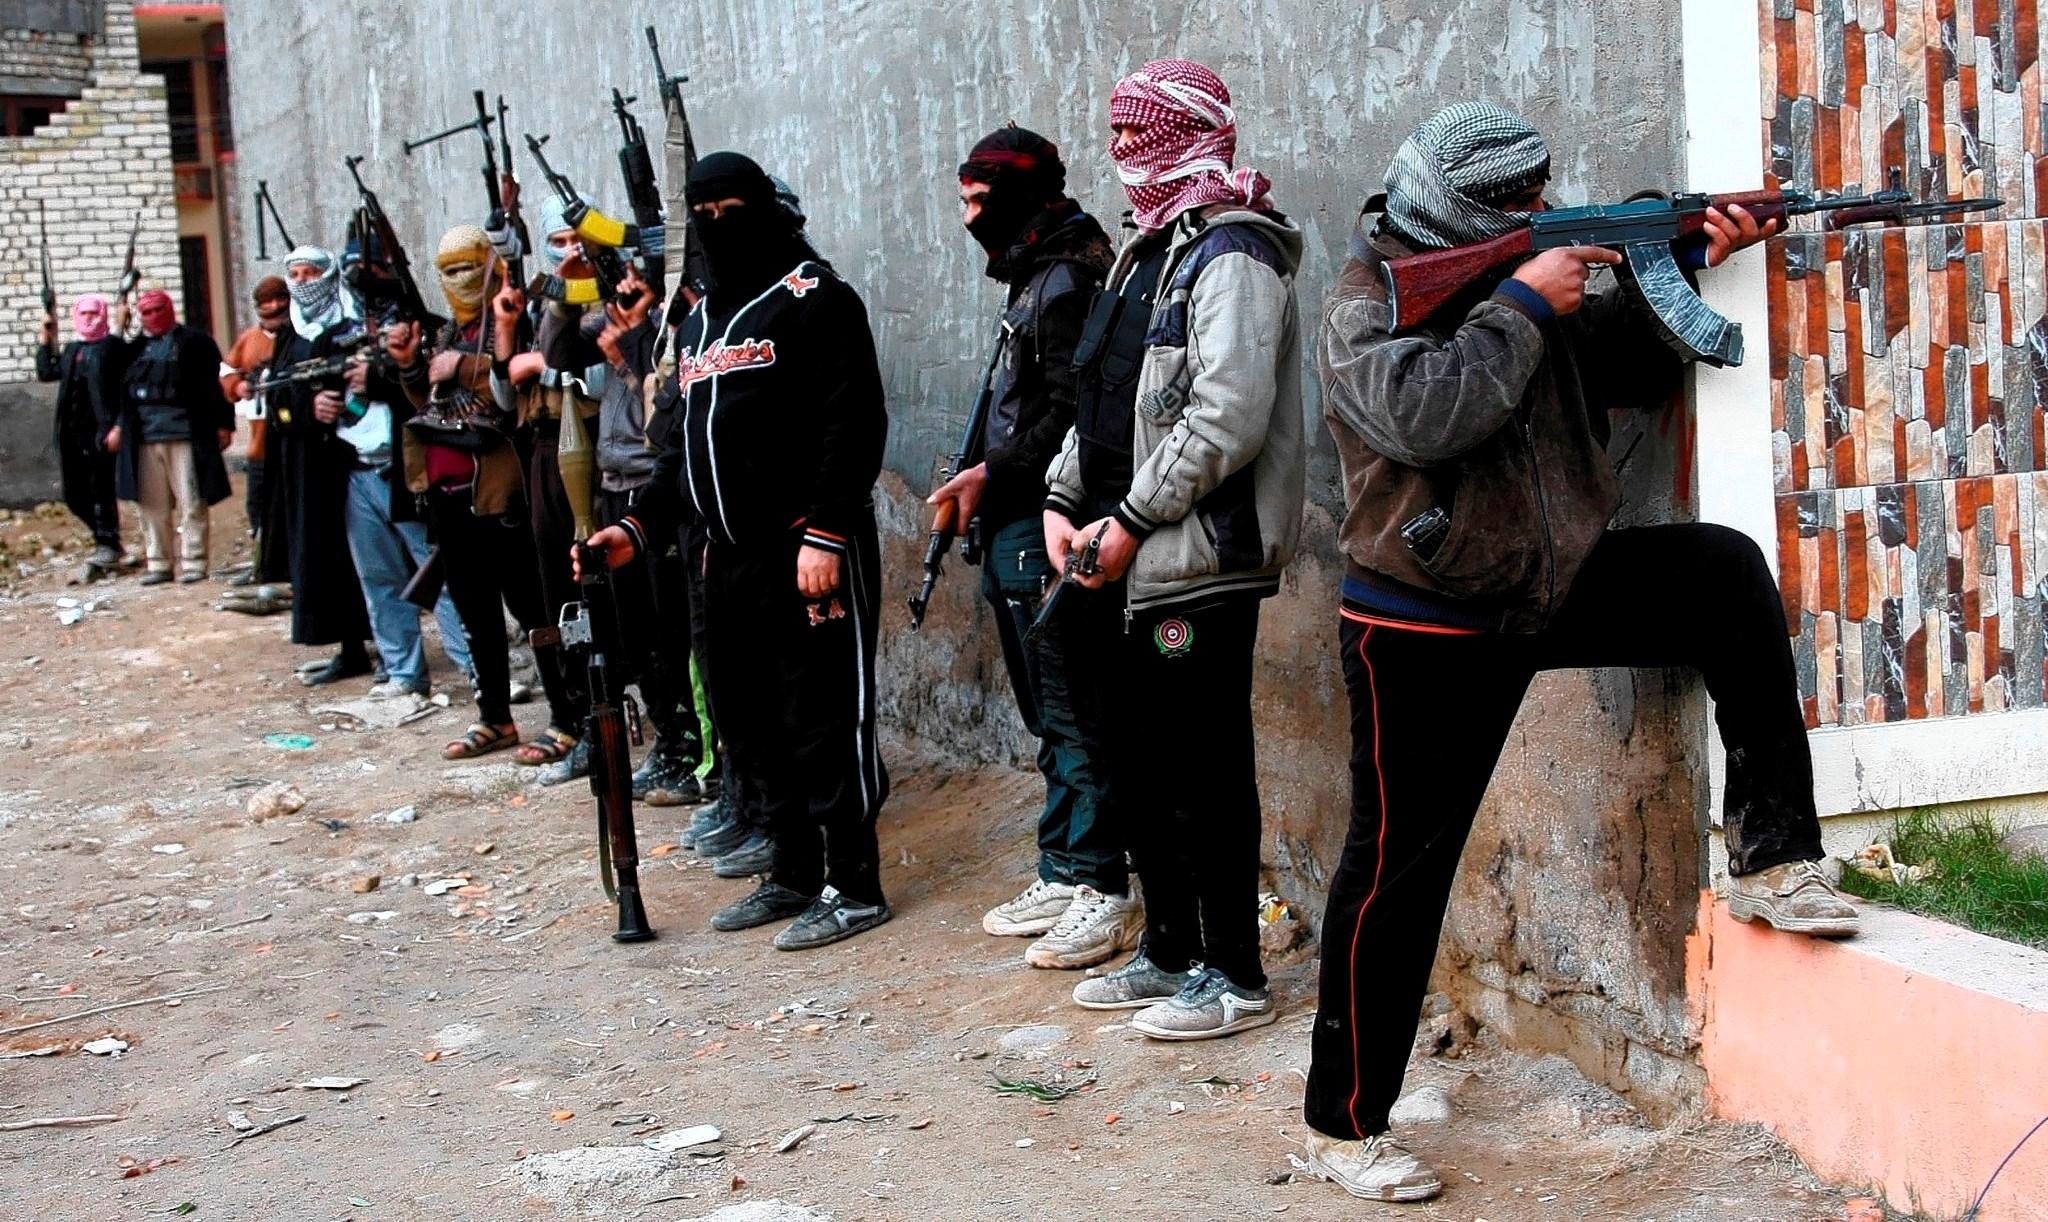 البنتاغون تفقد 715 مليون دولار من الأسلحة والعتاد المنقول إلى المسلحين في سوريا